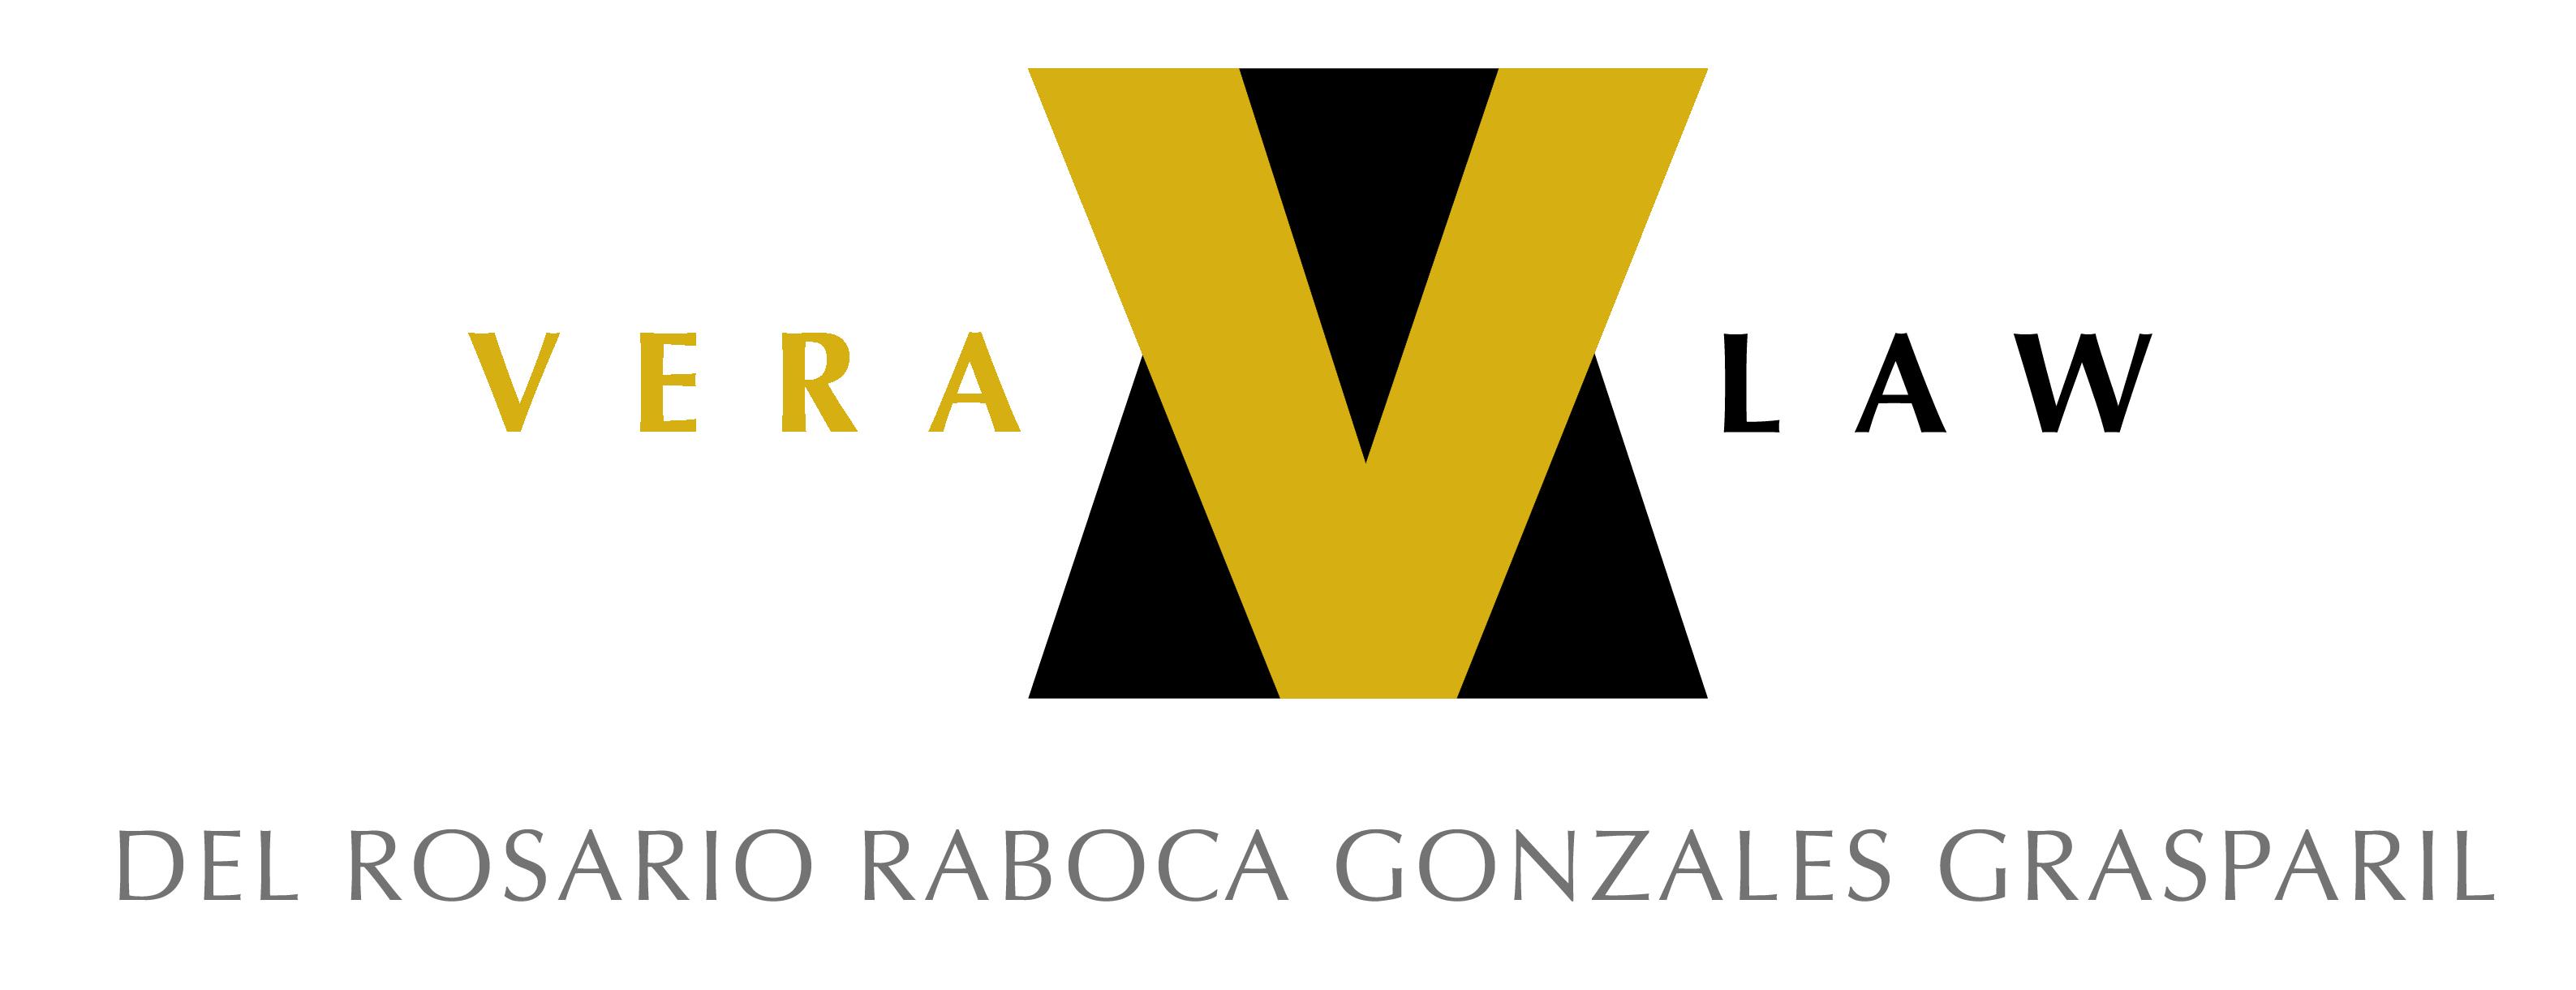 Vera Law (Del Rosario Raboca Gonzales Grasparil) logo